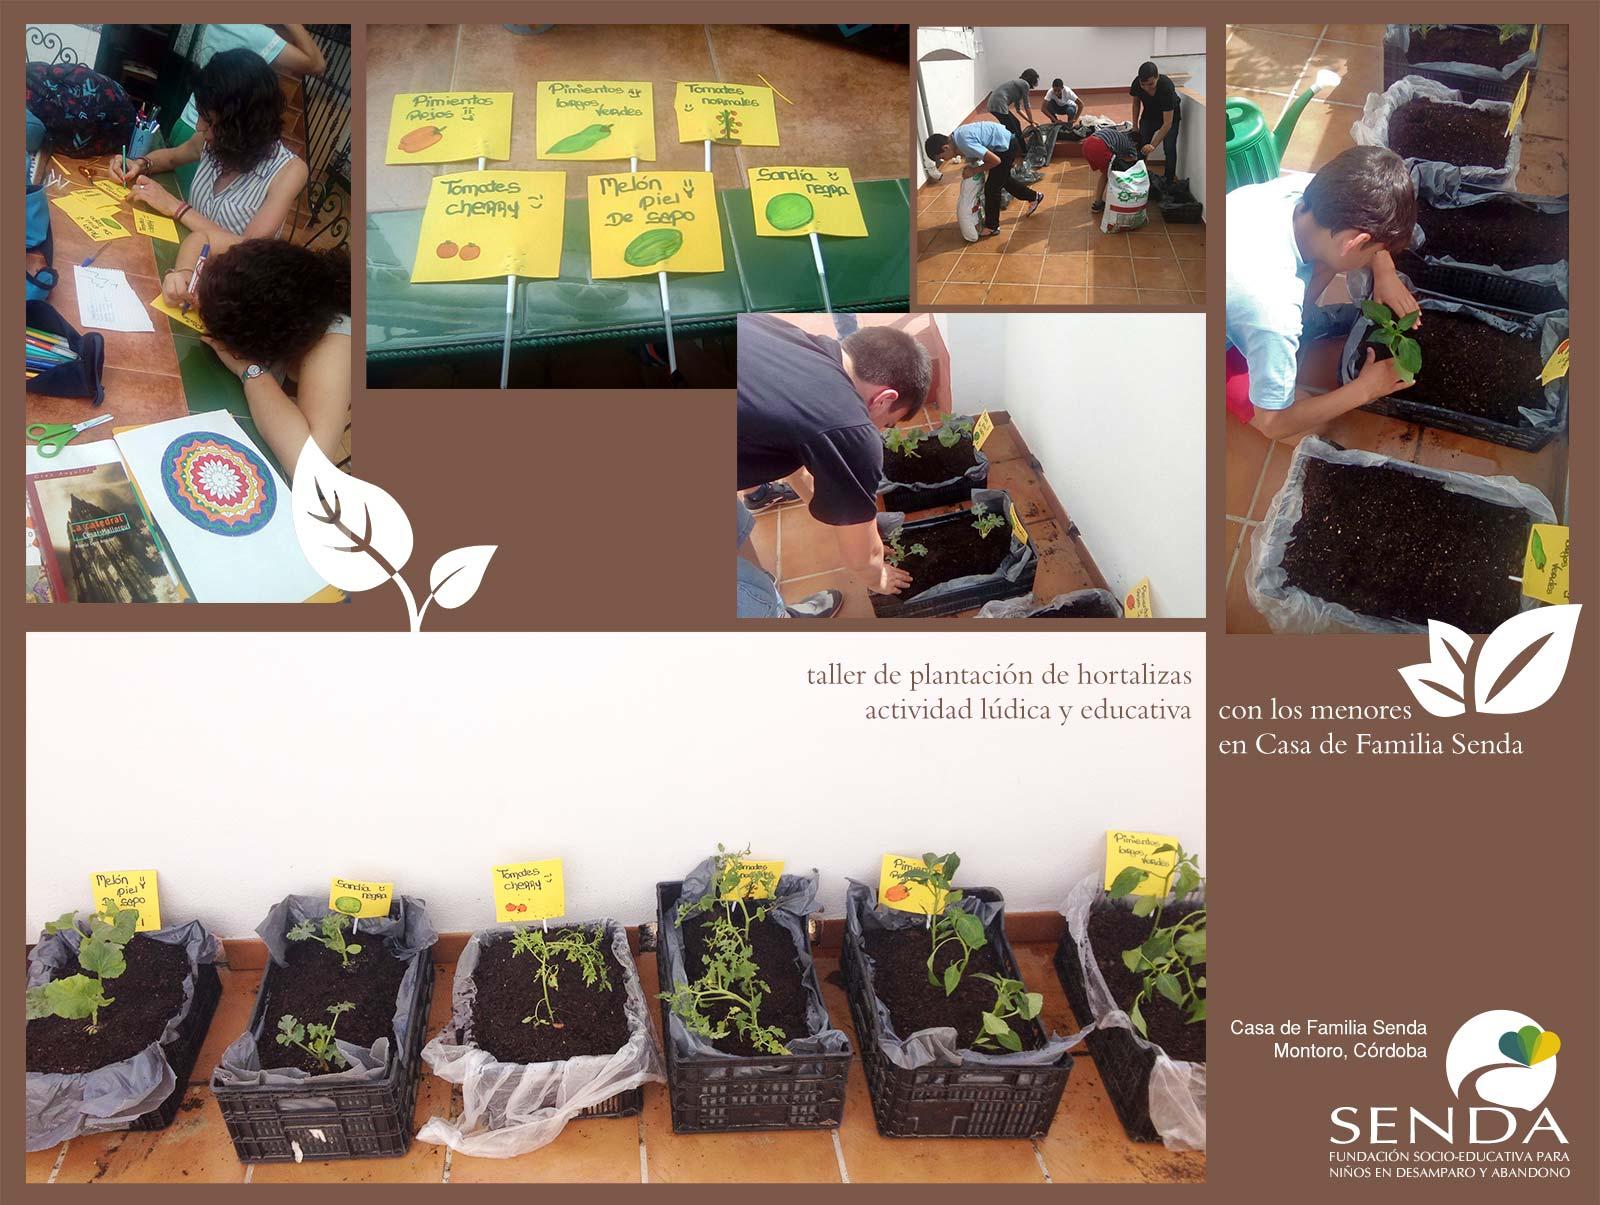 talleres educativos hortalizas Casa de Familia Senda Montoro